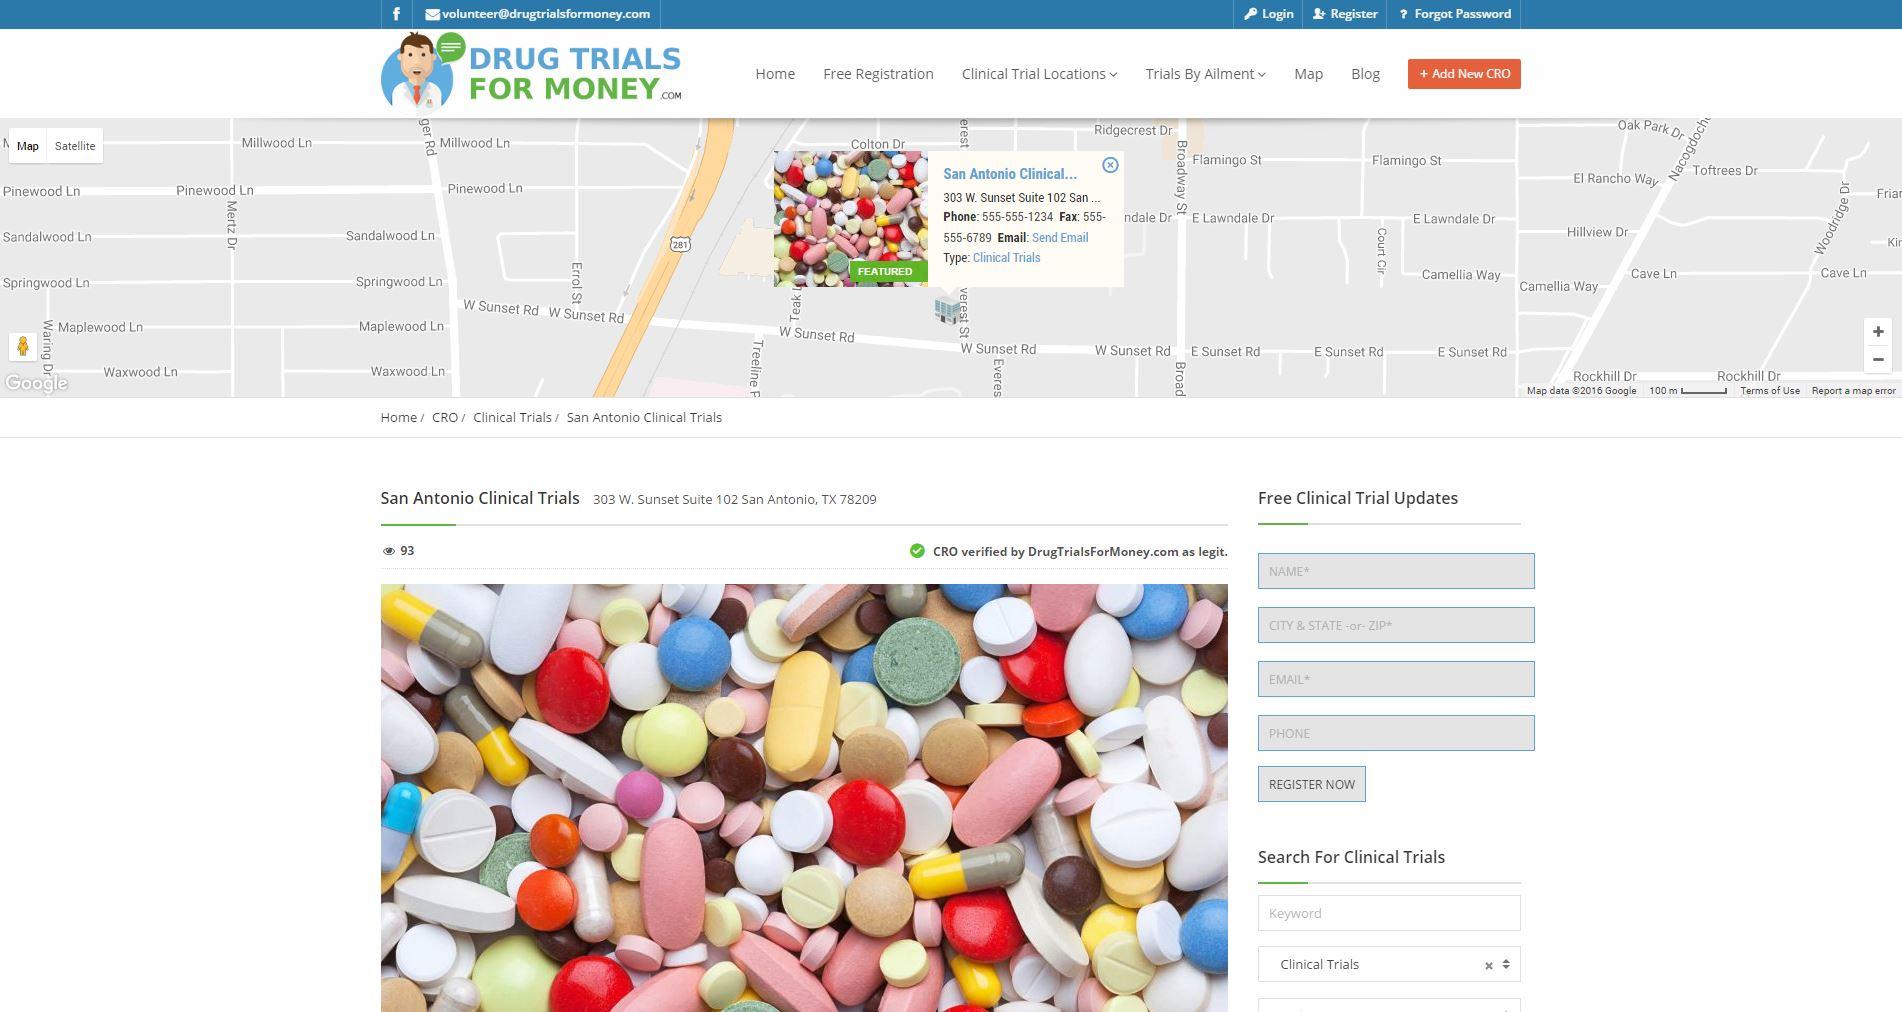 Medical Website Design dtfm2